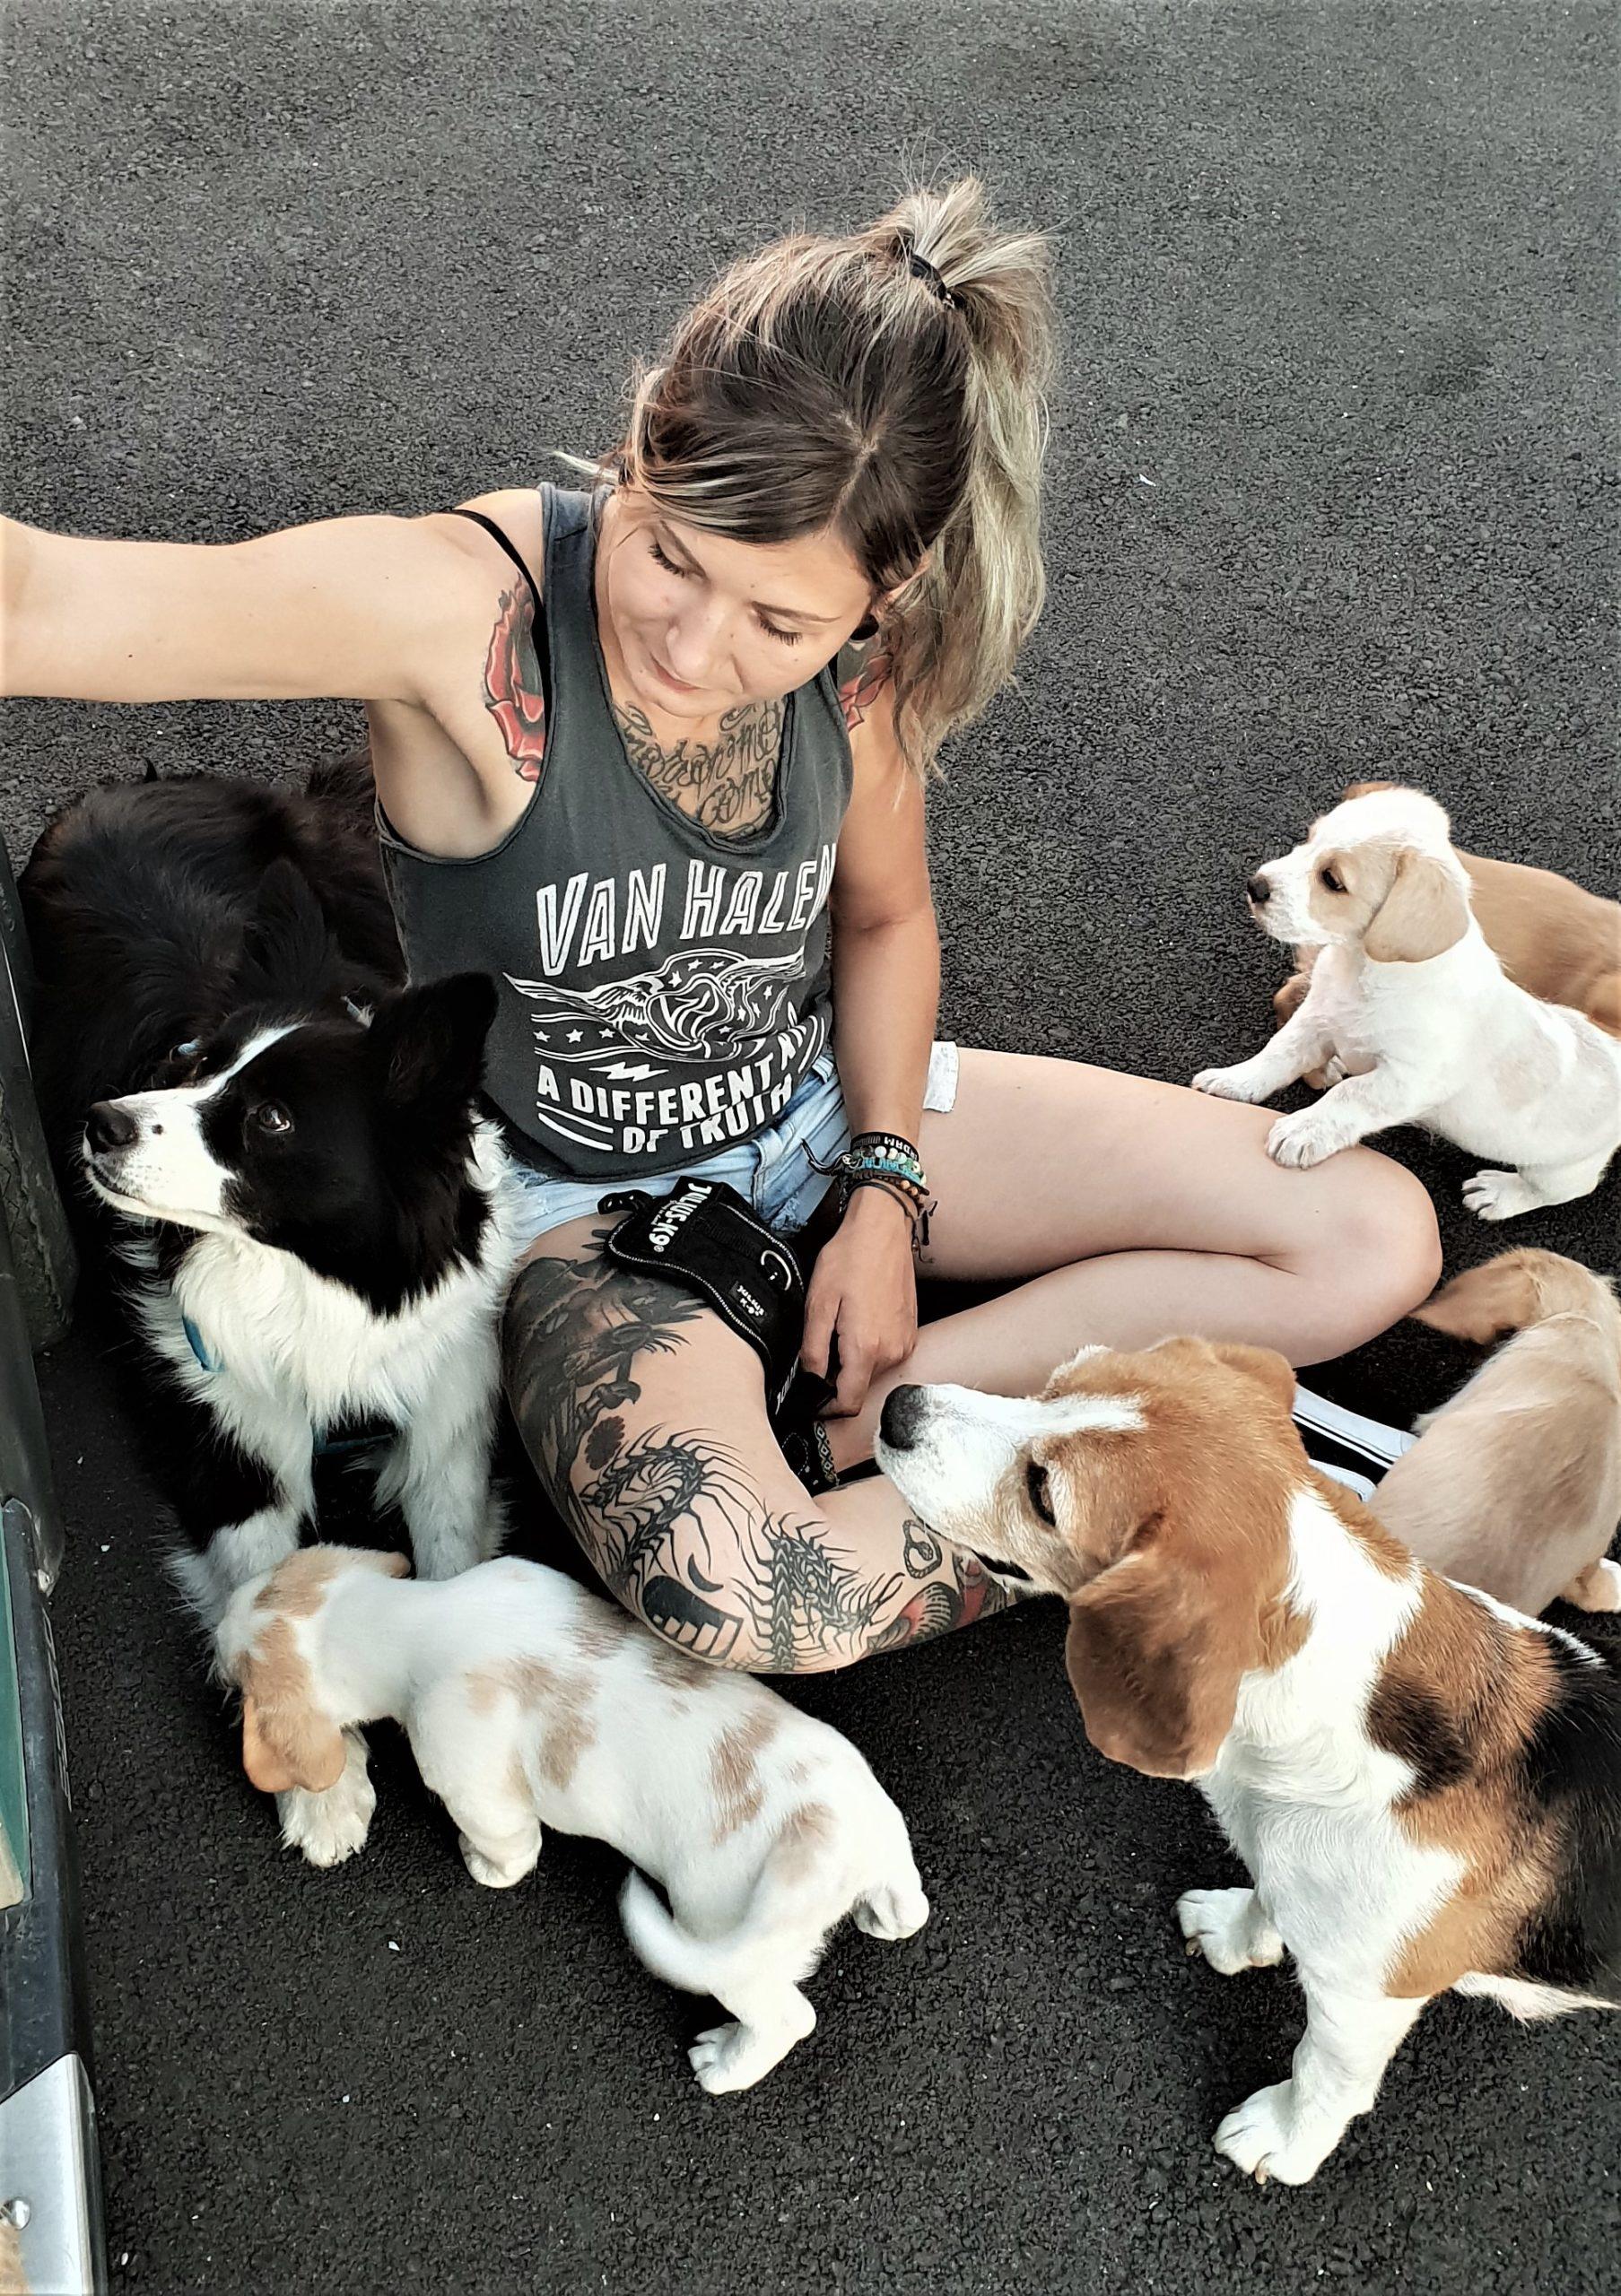 Junge Frau im Schneidesitz von 2 erwachsenen Hunden und 4 Welpen umgeben